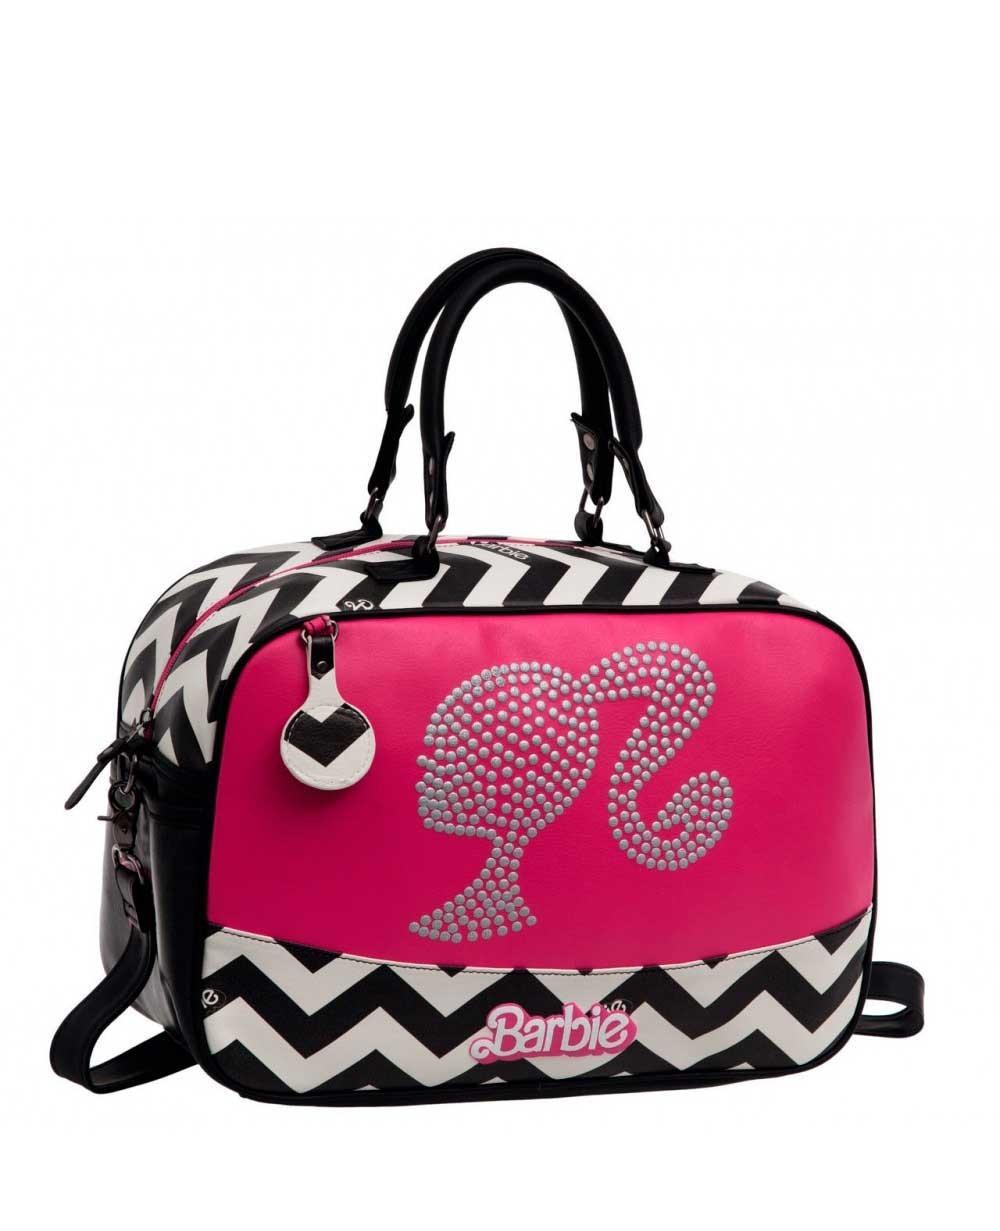 Barbie Dream Bolsa de Viaje Rosa (Foto )